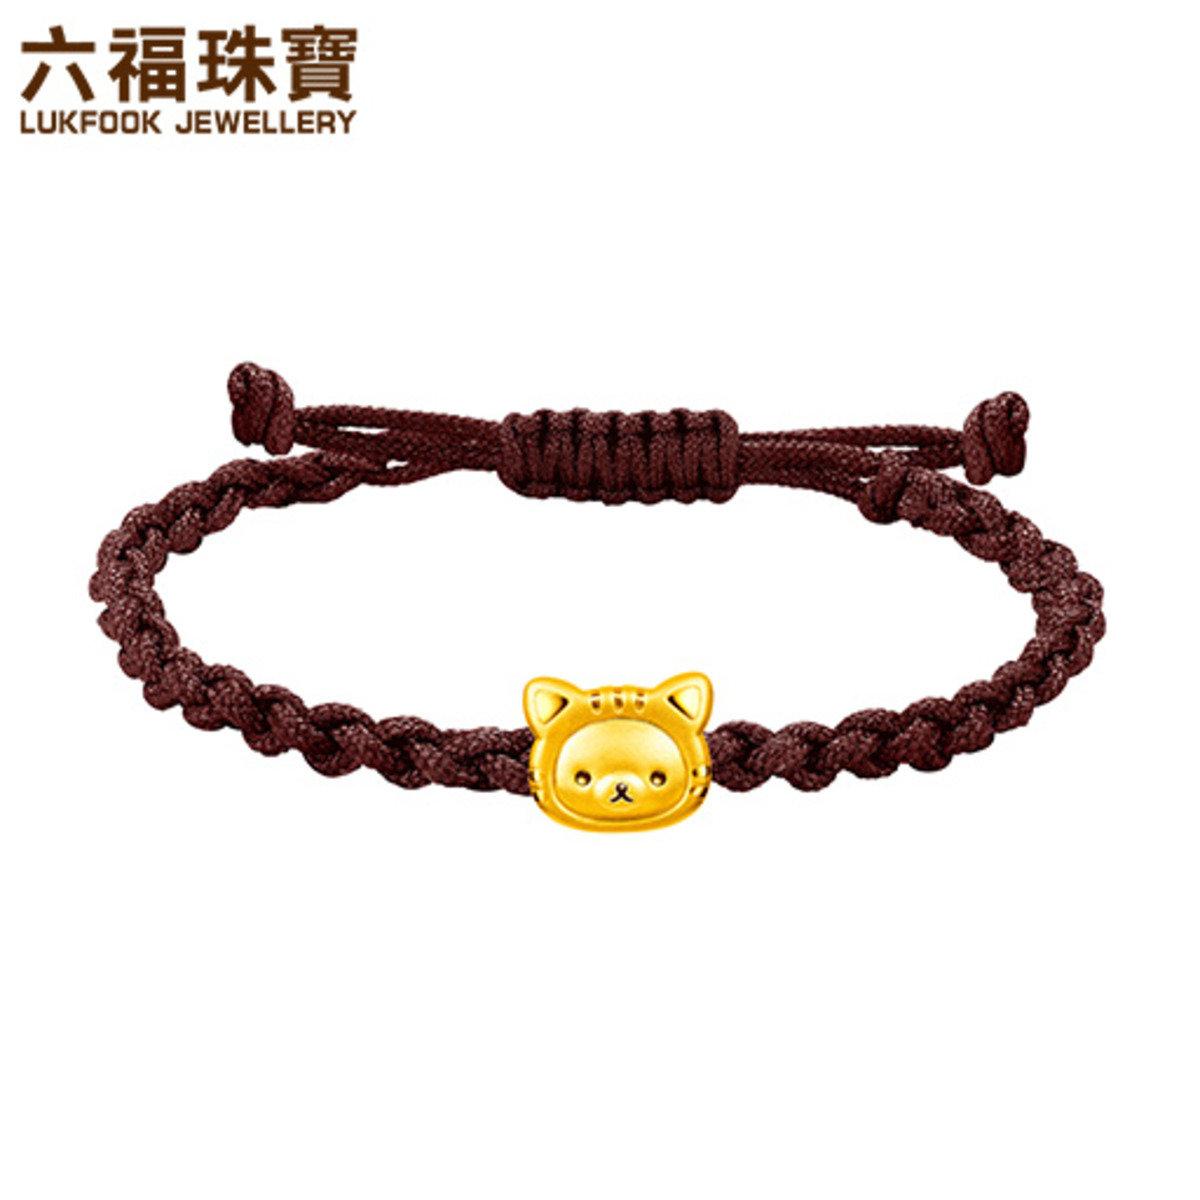 輕鬆小熊™ 招財造型黃金手繩